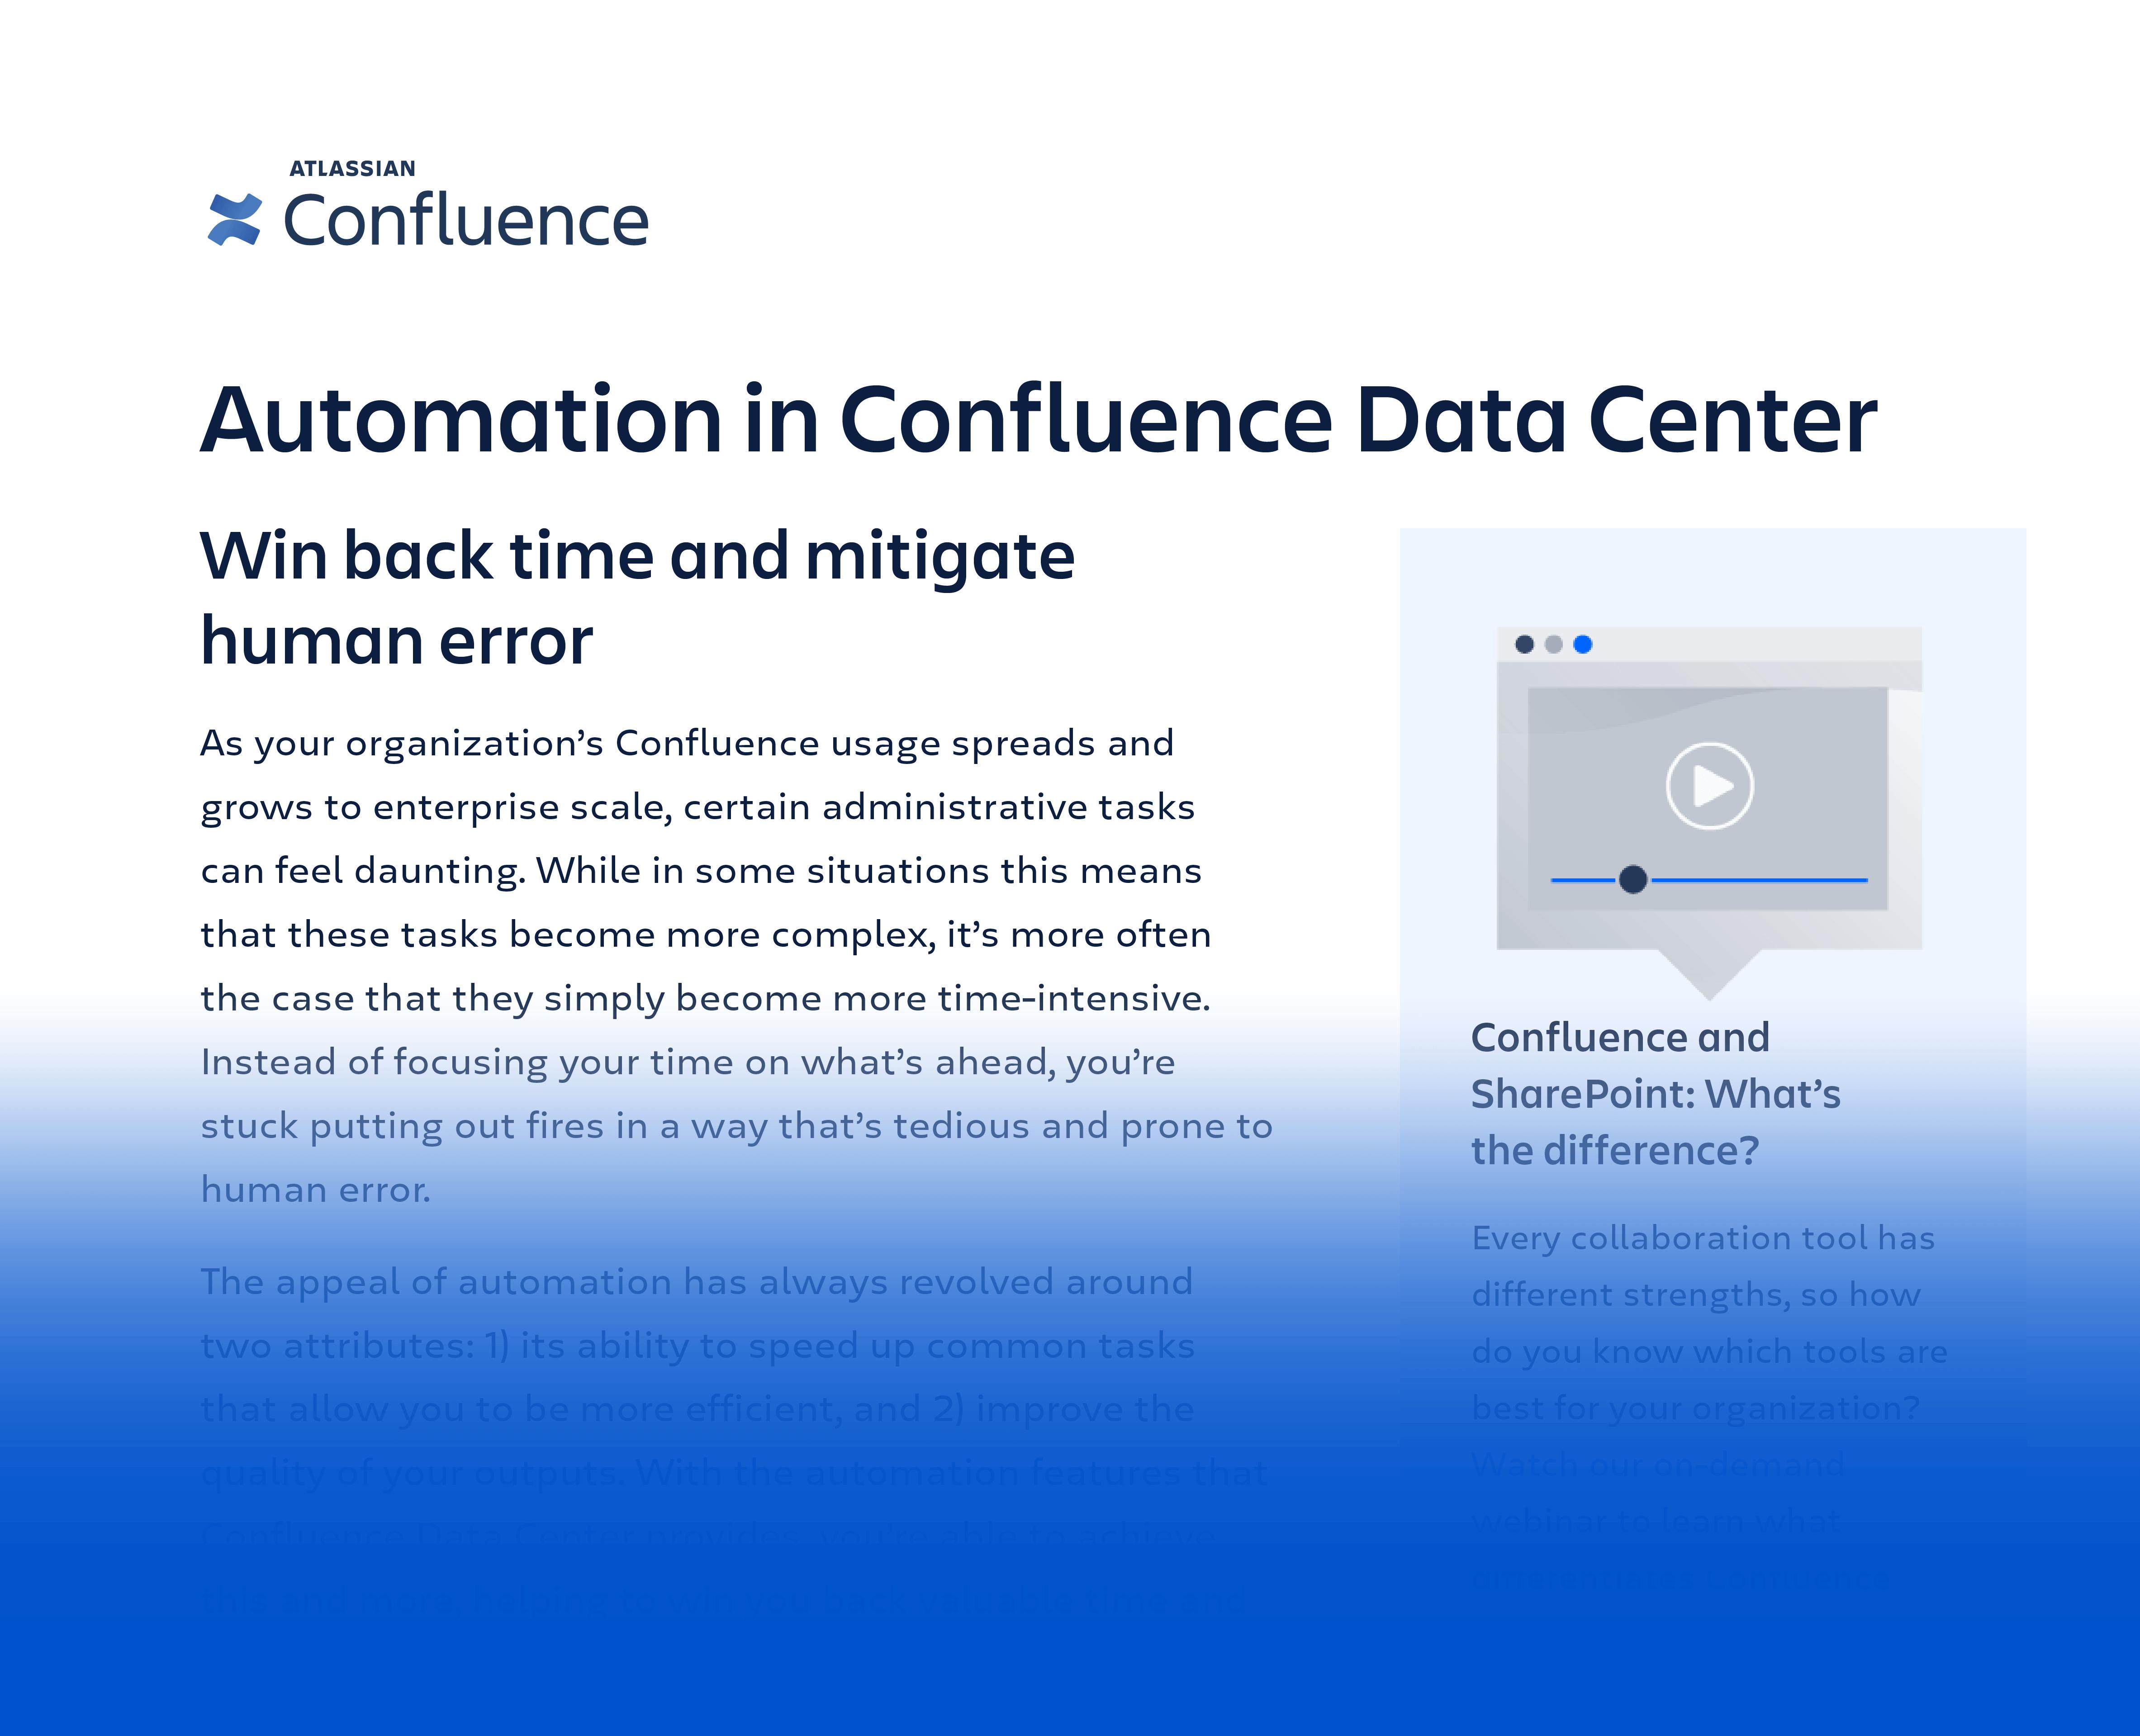 데이터시트: Confluence Data Center의 자동화